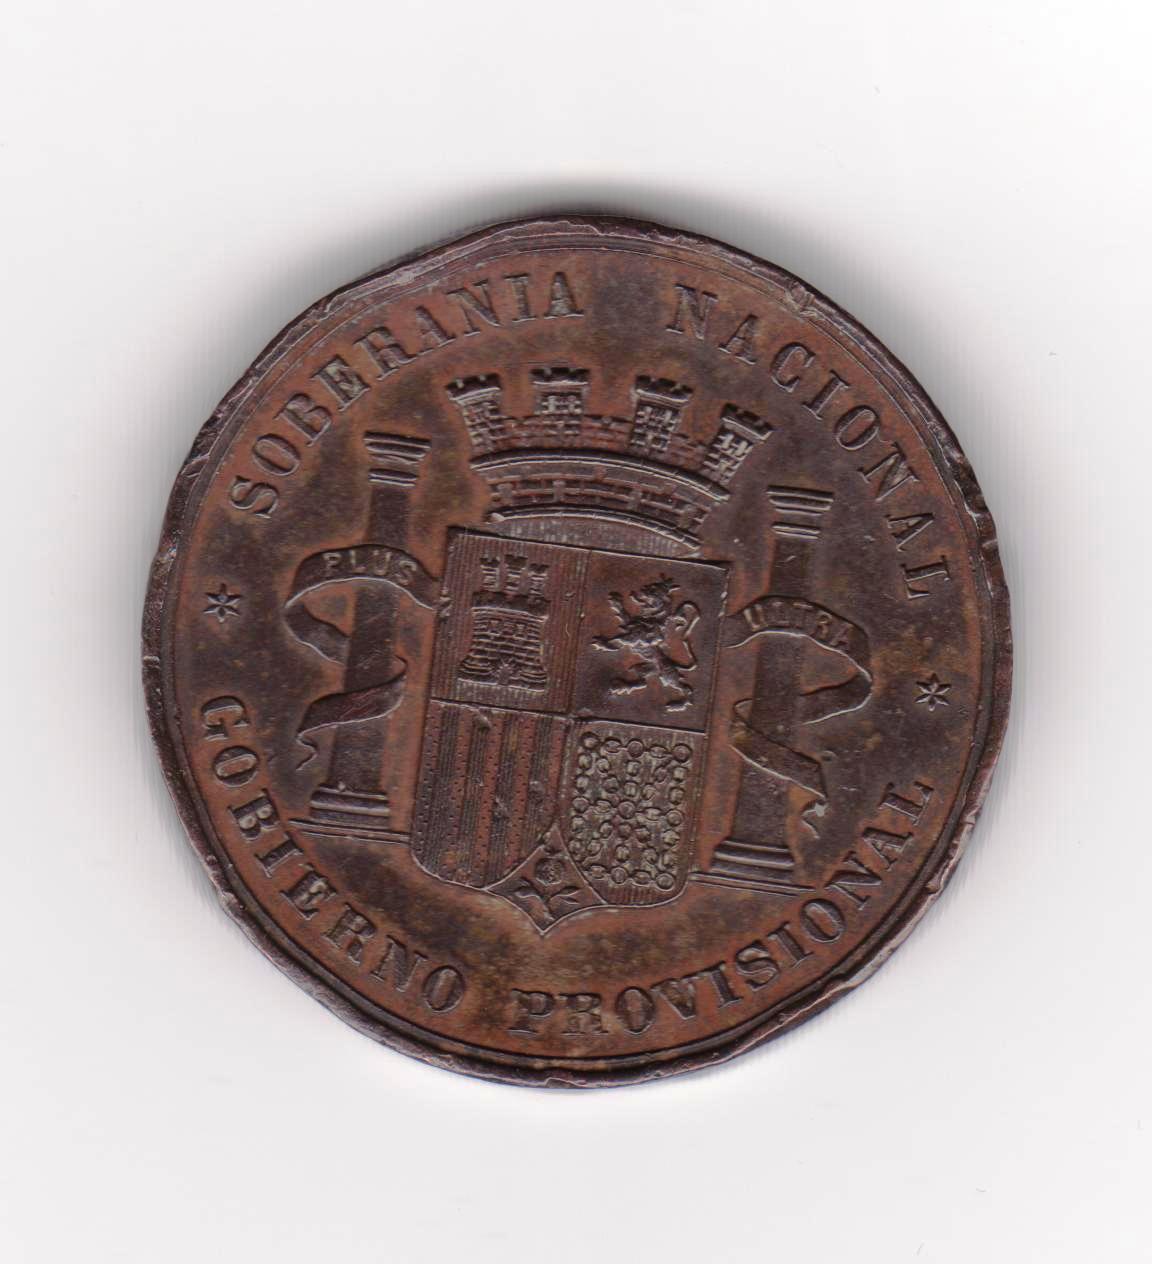 Prueba en cobre 1868, moneda de 5 pesstas 1869 Medalla_1868_001